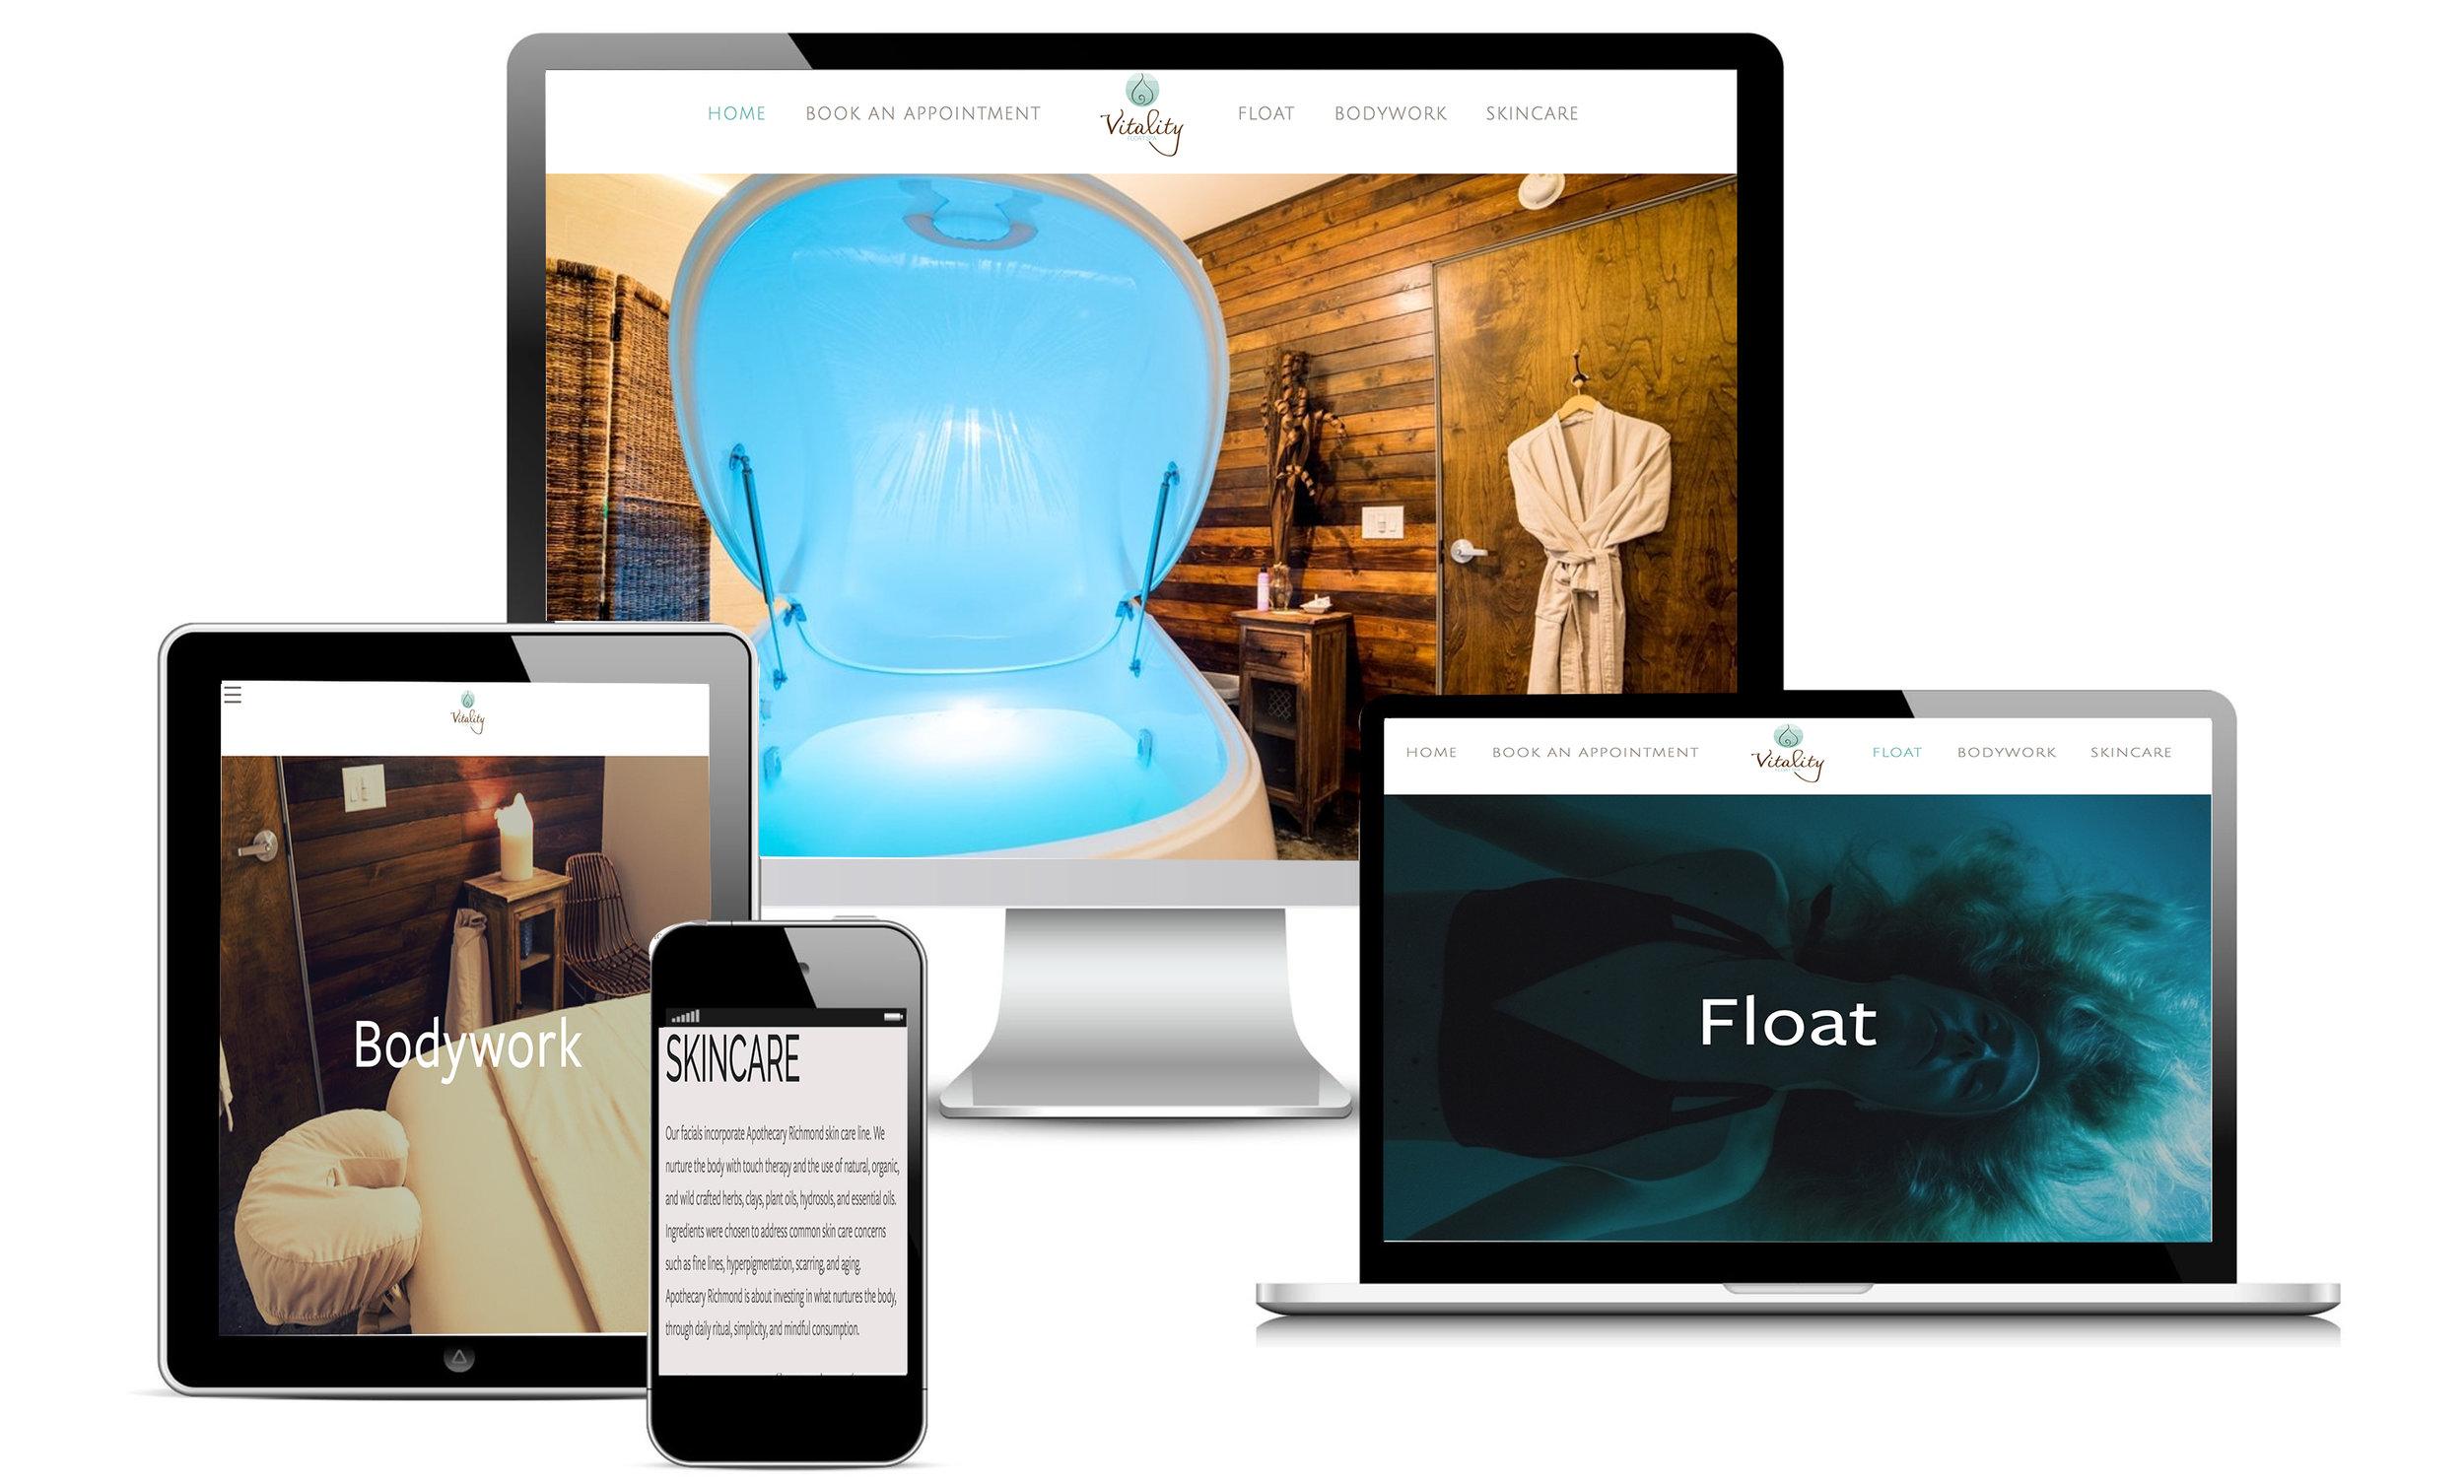 10twelve-marketing-creative-agency-bodywork-spa-salon.jpg